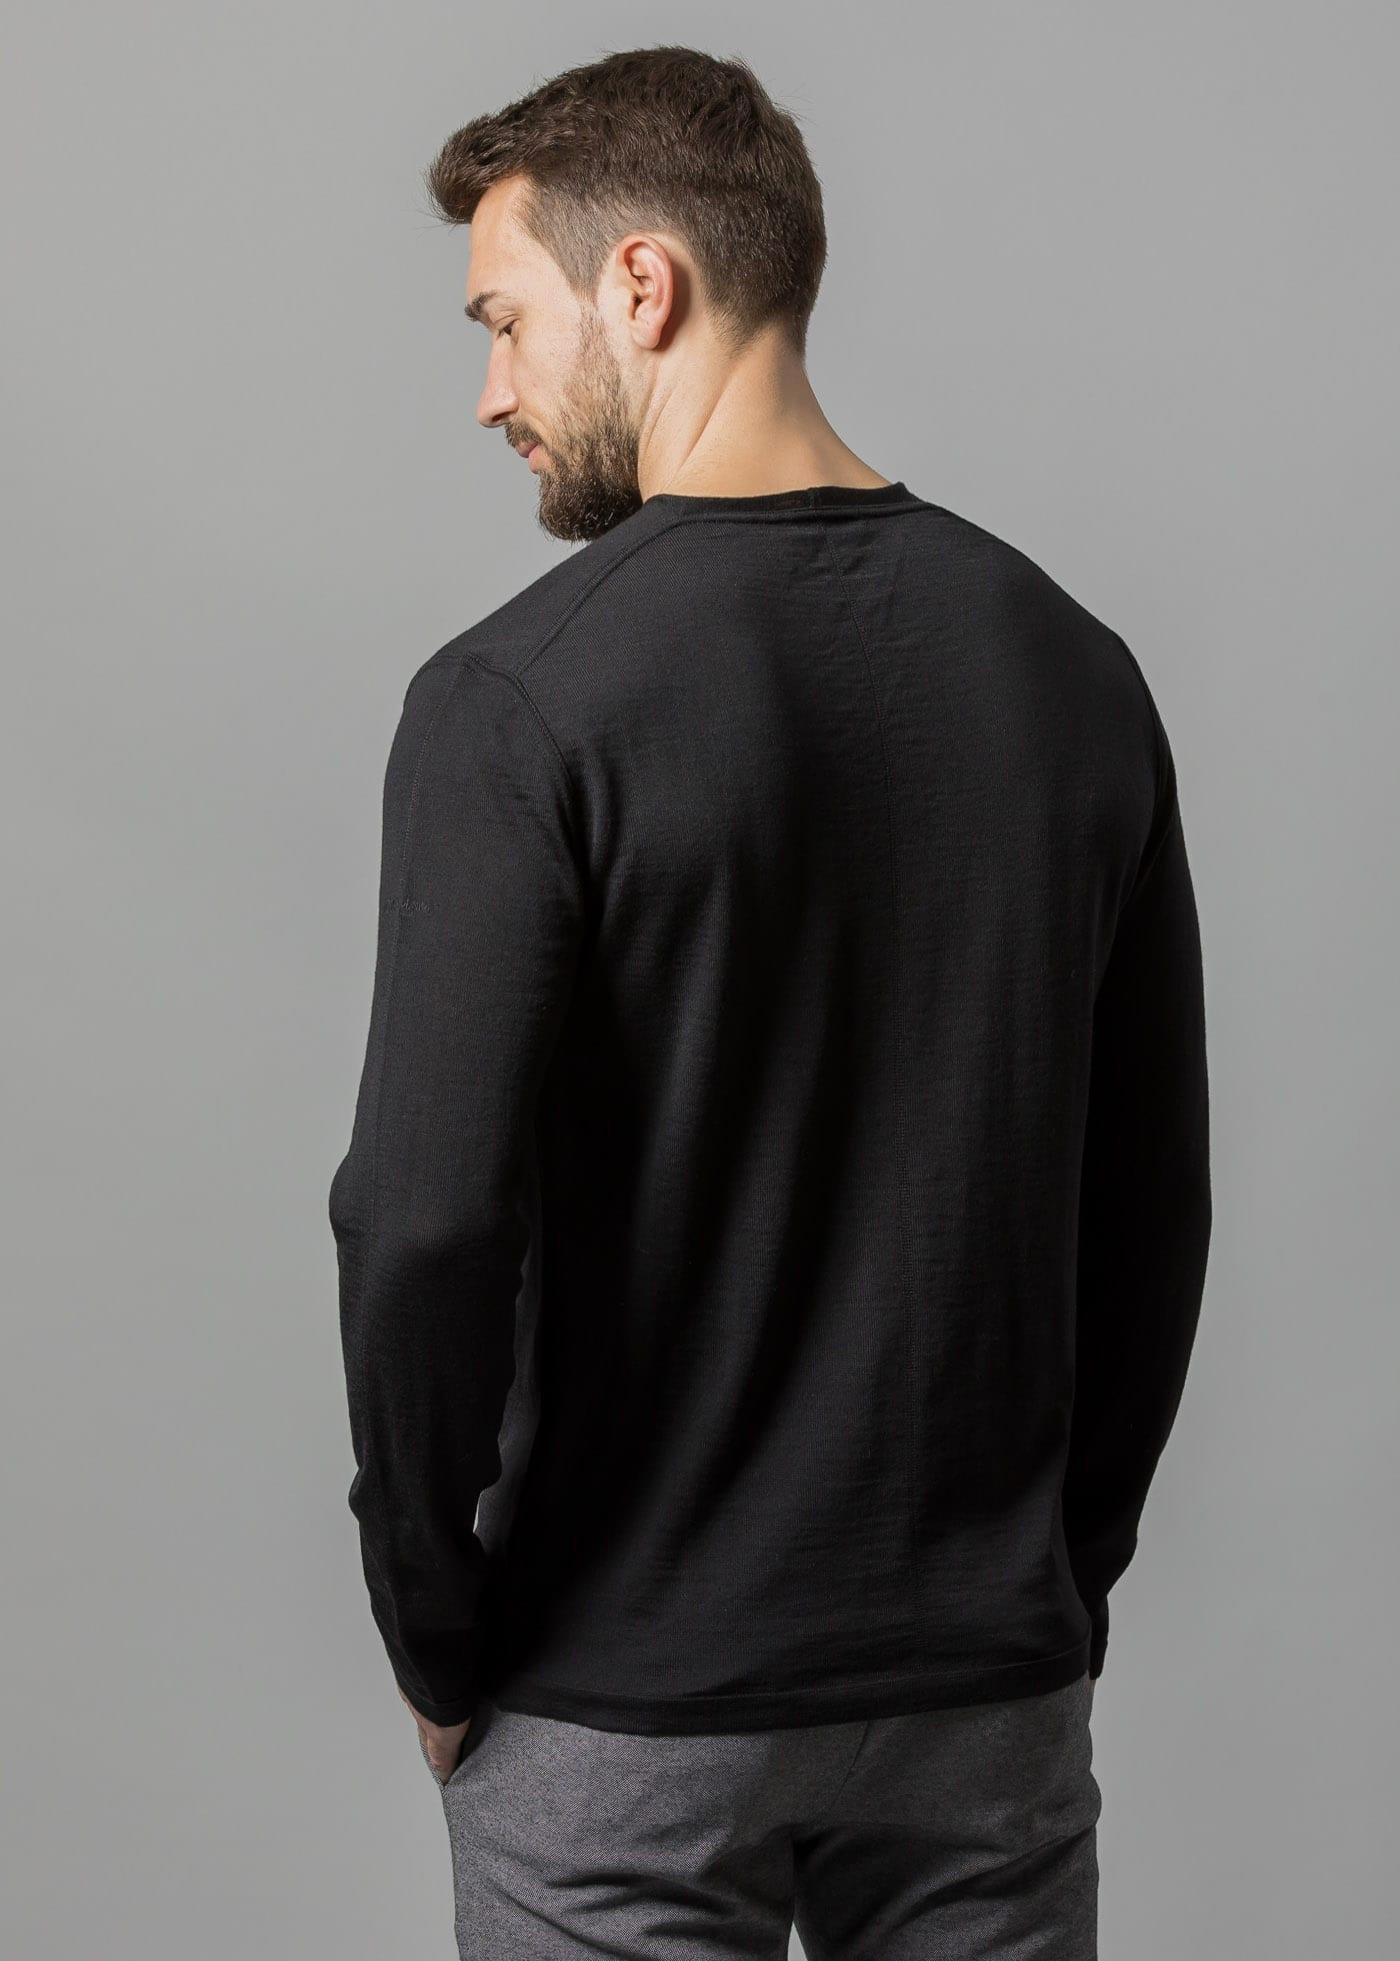 Merinowolle Pullover Herren Uwe schwarz